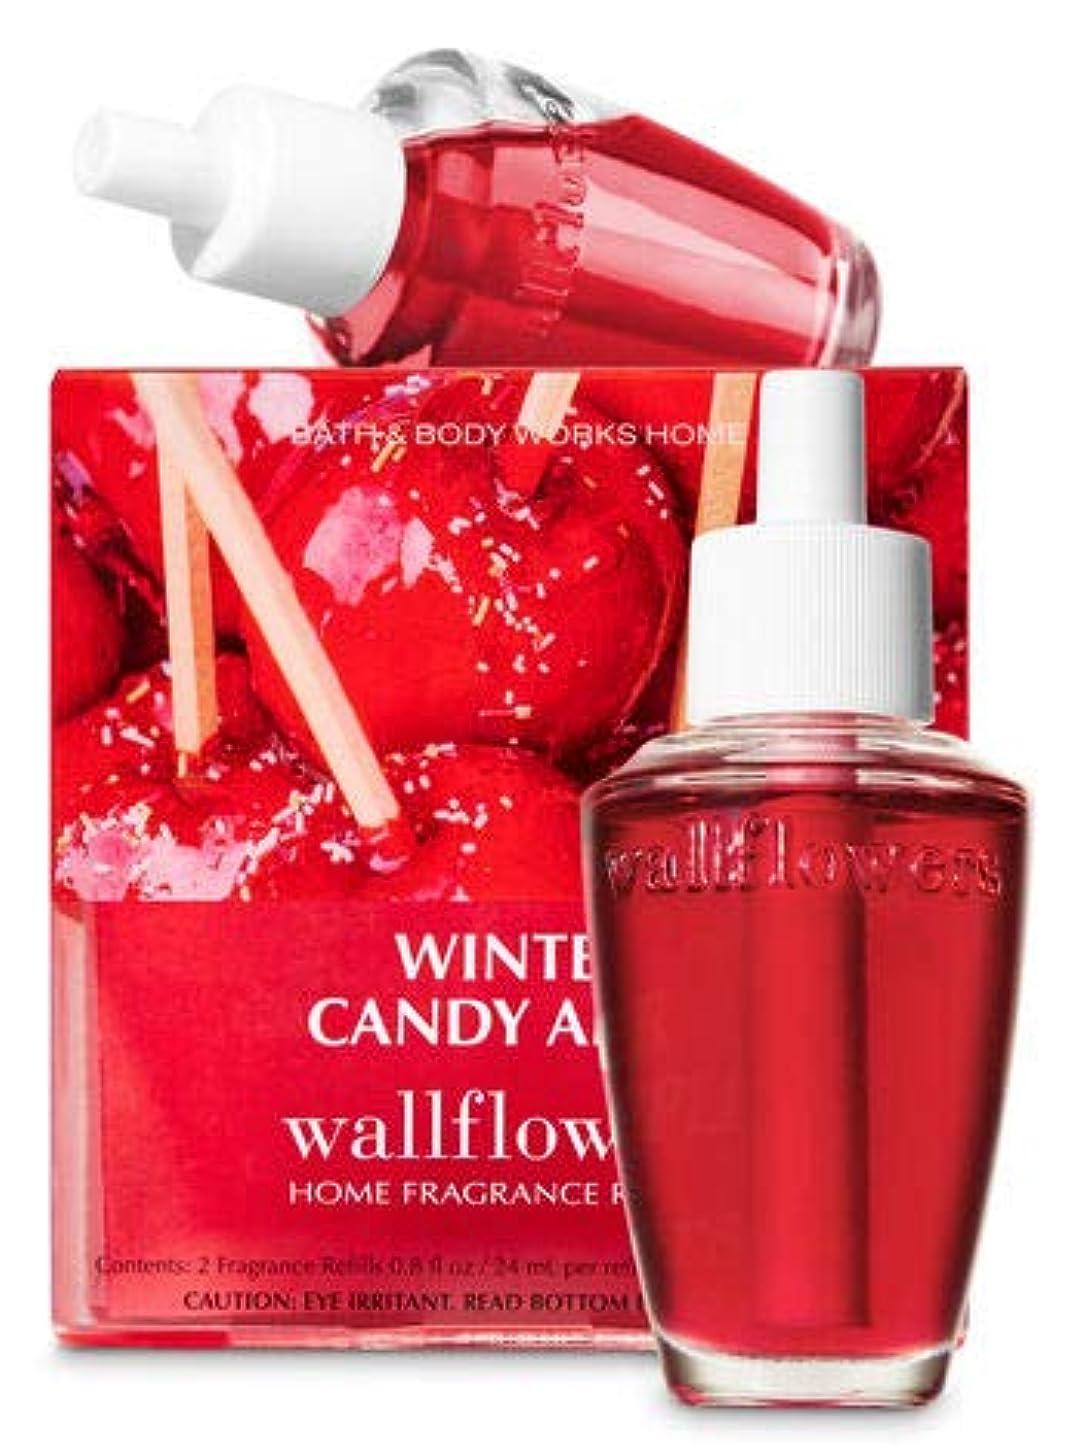 信条ビート潮Bath & Body Works(バス&ボディワークス)ウインターキャンディアップル ホームフレグランス レフィル2本セット(本体は別売りです)Wallflowers 2 Pack Refill (並行輸入品)